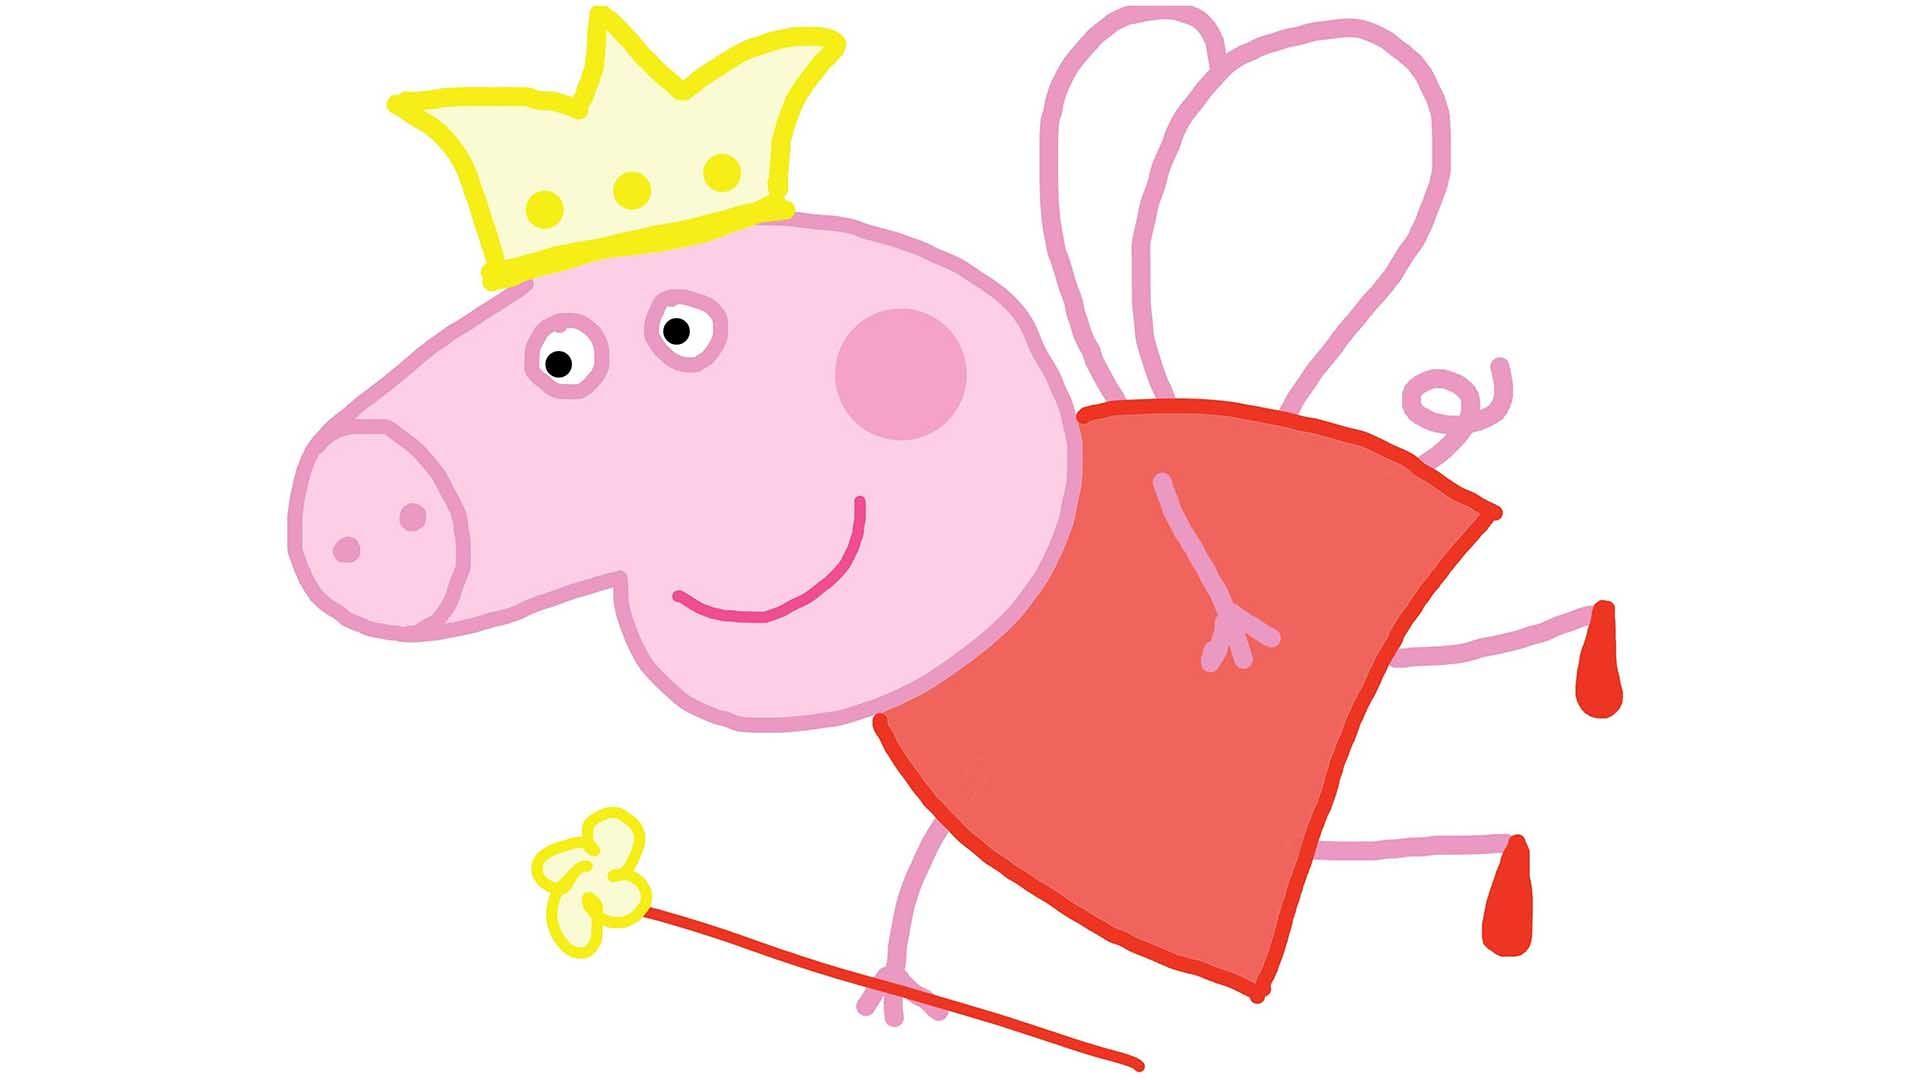 fondos peppa pig  wallpapers peppa pig free peppa pig clips Peppa Pig 3rd Birthday Clip Art Free